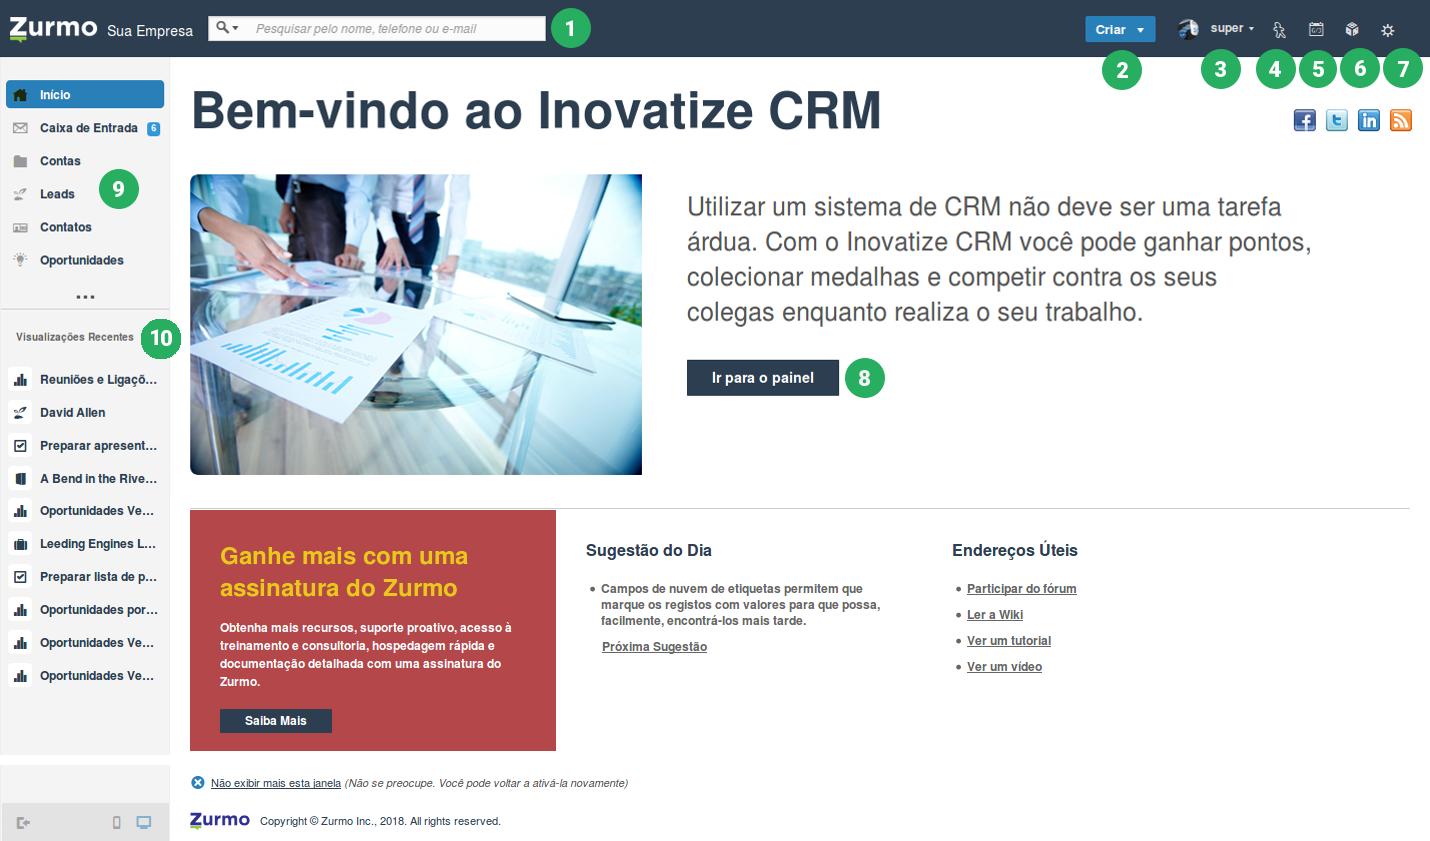 Tela de boas vindas do Inovatize Zurmo CRM